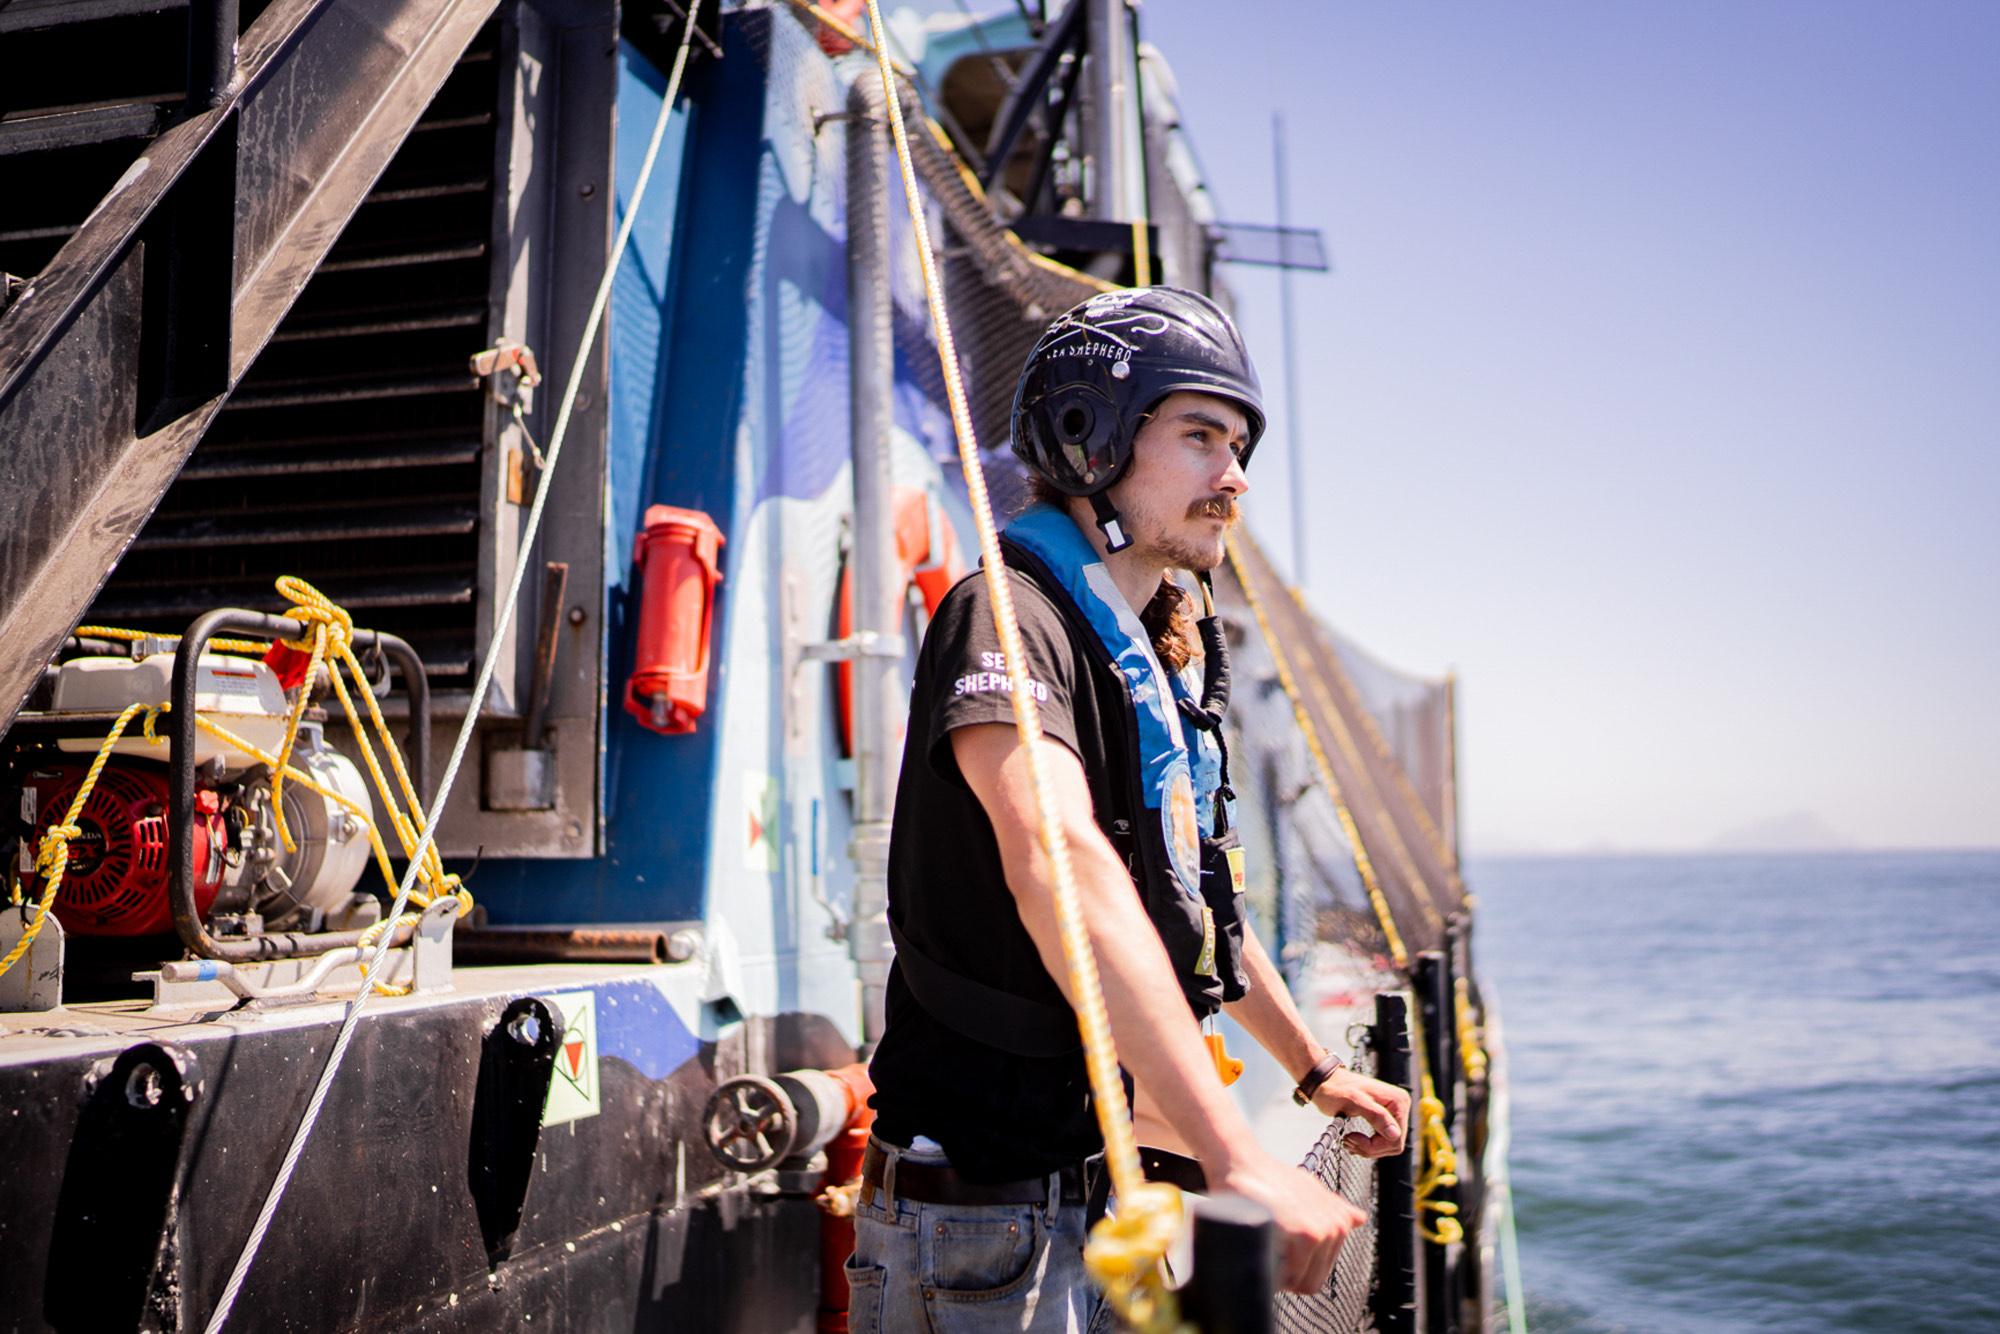 sea-shepherd-deckhand-looking-at-ocean SEA SHEPHERD